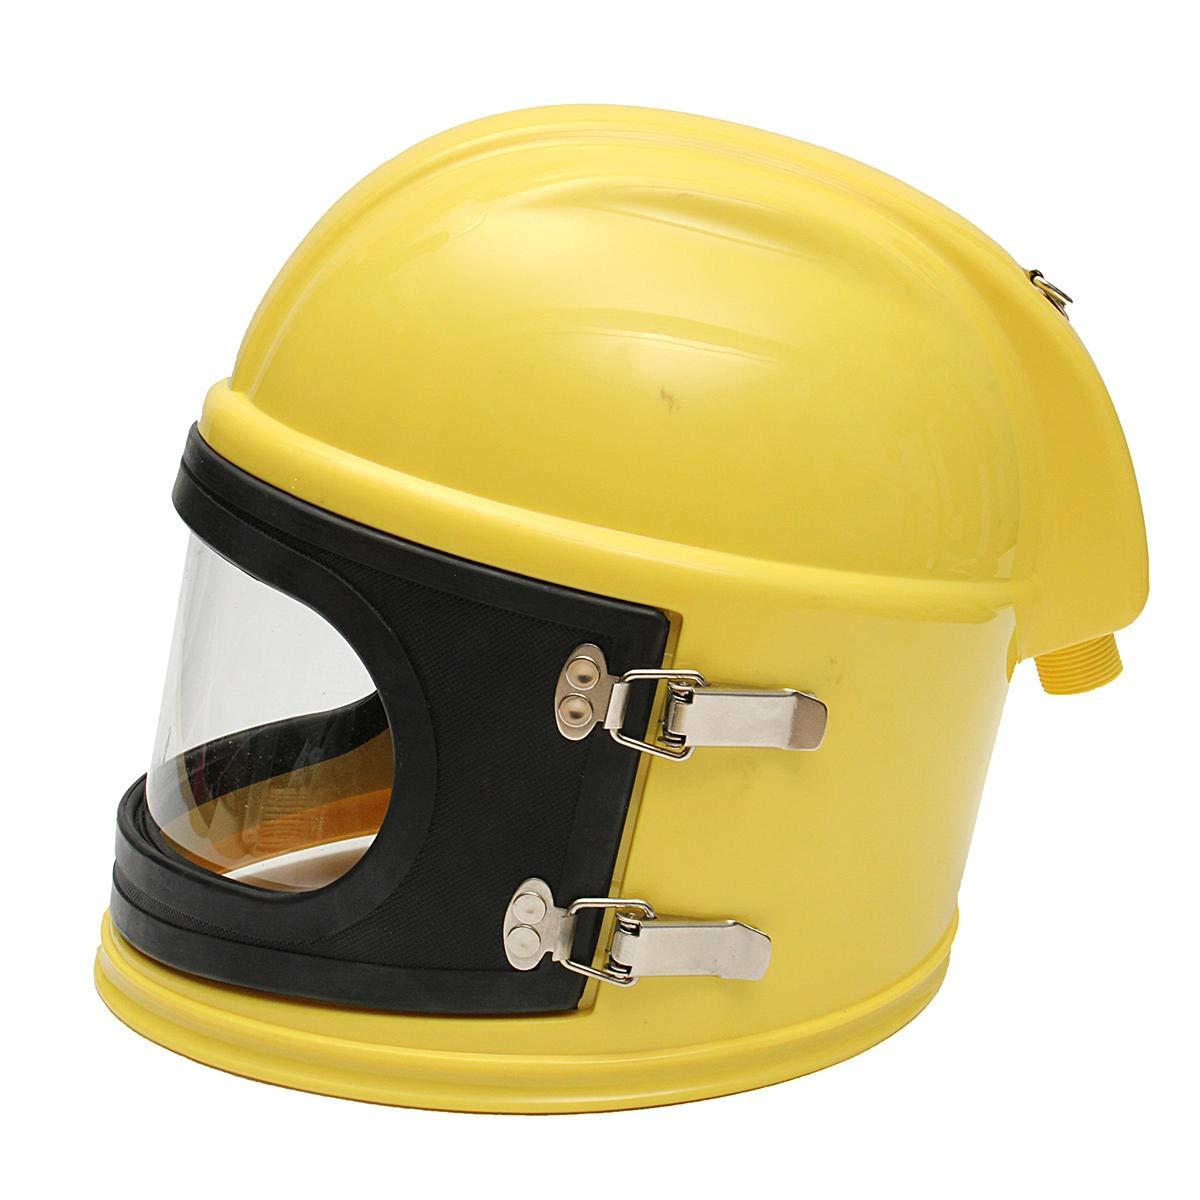 AIR FED Safety Sandblast Helmet Sand Blast Hood Protector for Sandblasting by Anddoa (Image #8)